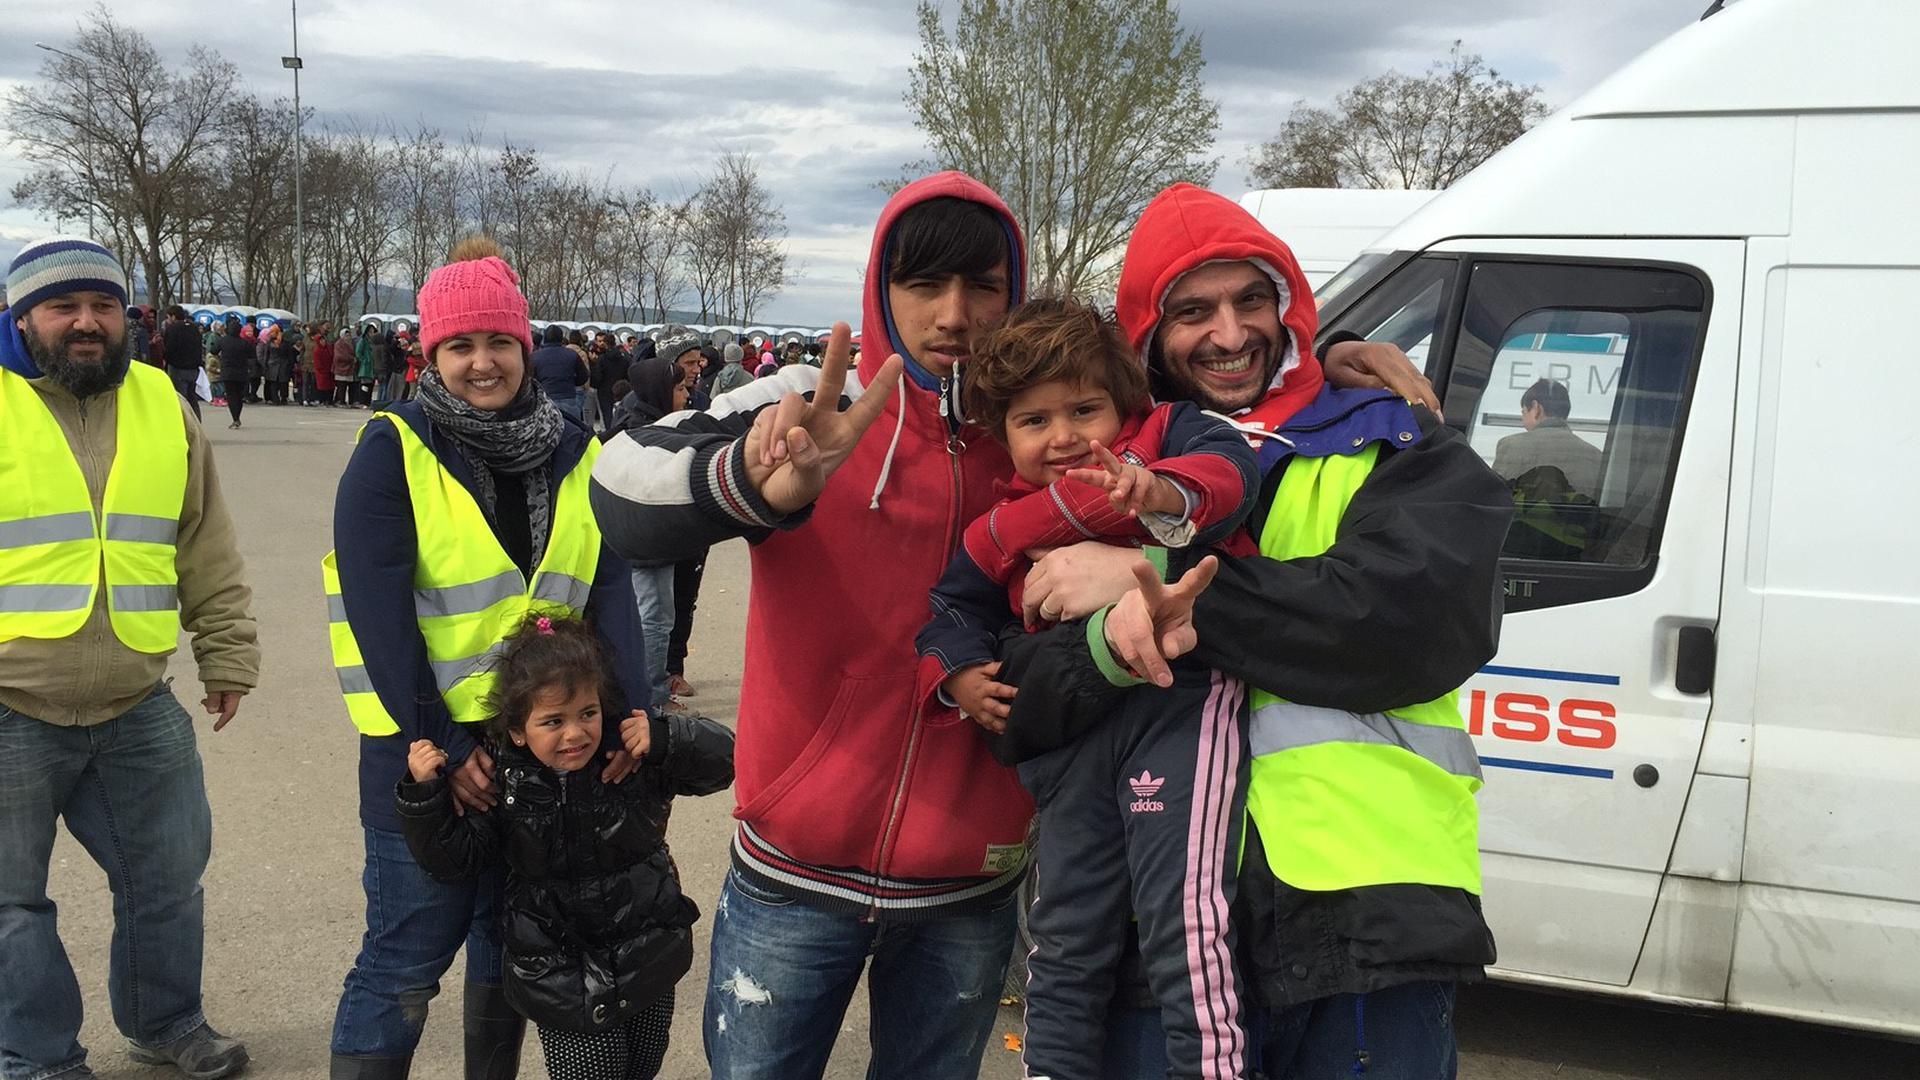 """Viel Dankbarkeit erlebt: Die Mitglieder von """"Maulbronn hilft"""", hier mit Gründer Theofanis Morkotinis (rechts), haben 2016 viele Hilfsgüter ins Flüchtlingslager in Idomeni transportiert. Momentan konzentrieren sich die Vereinsmitglieder eher auf Hilfsaktionen in der Region."""